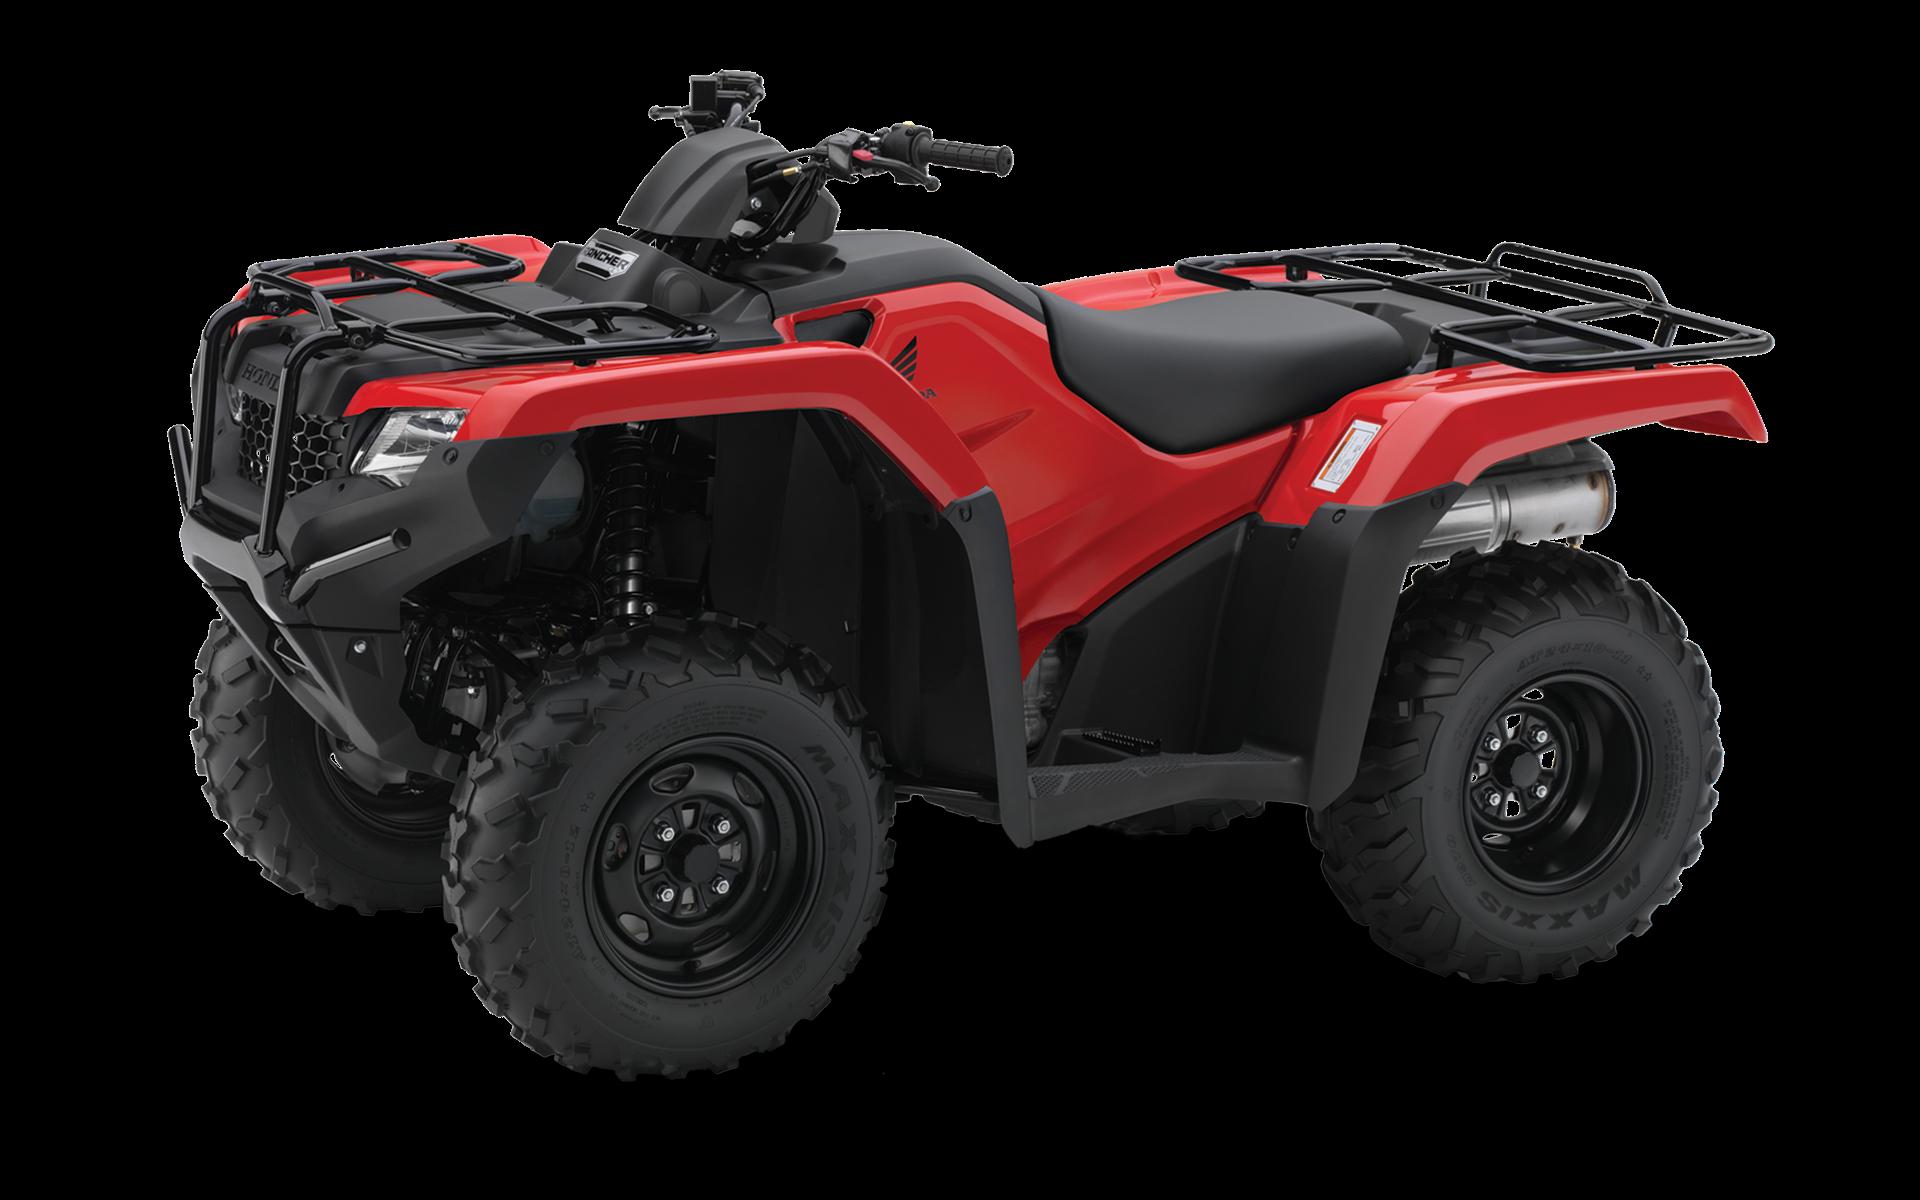 Rouge TRX420